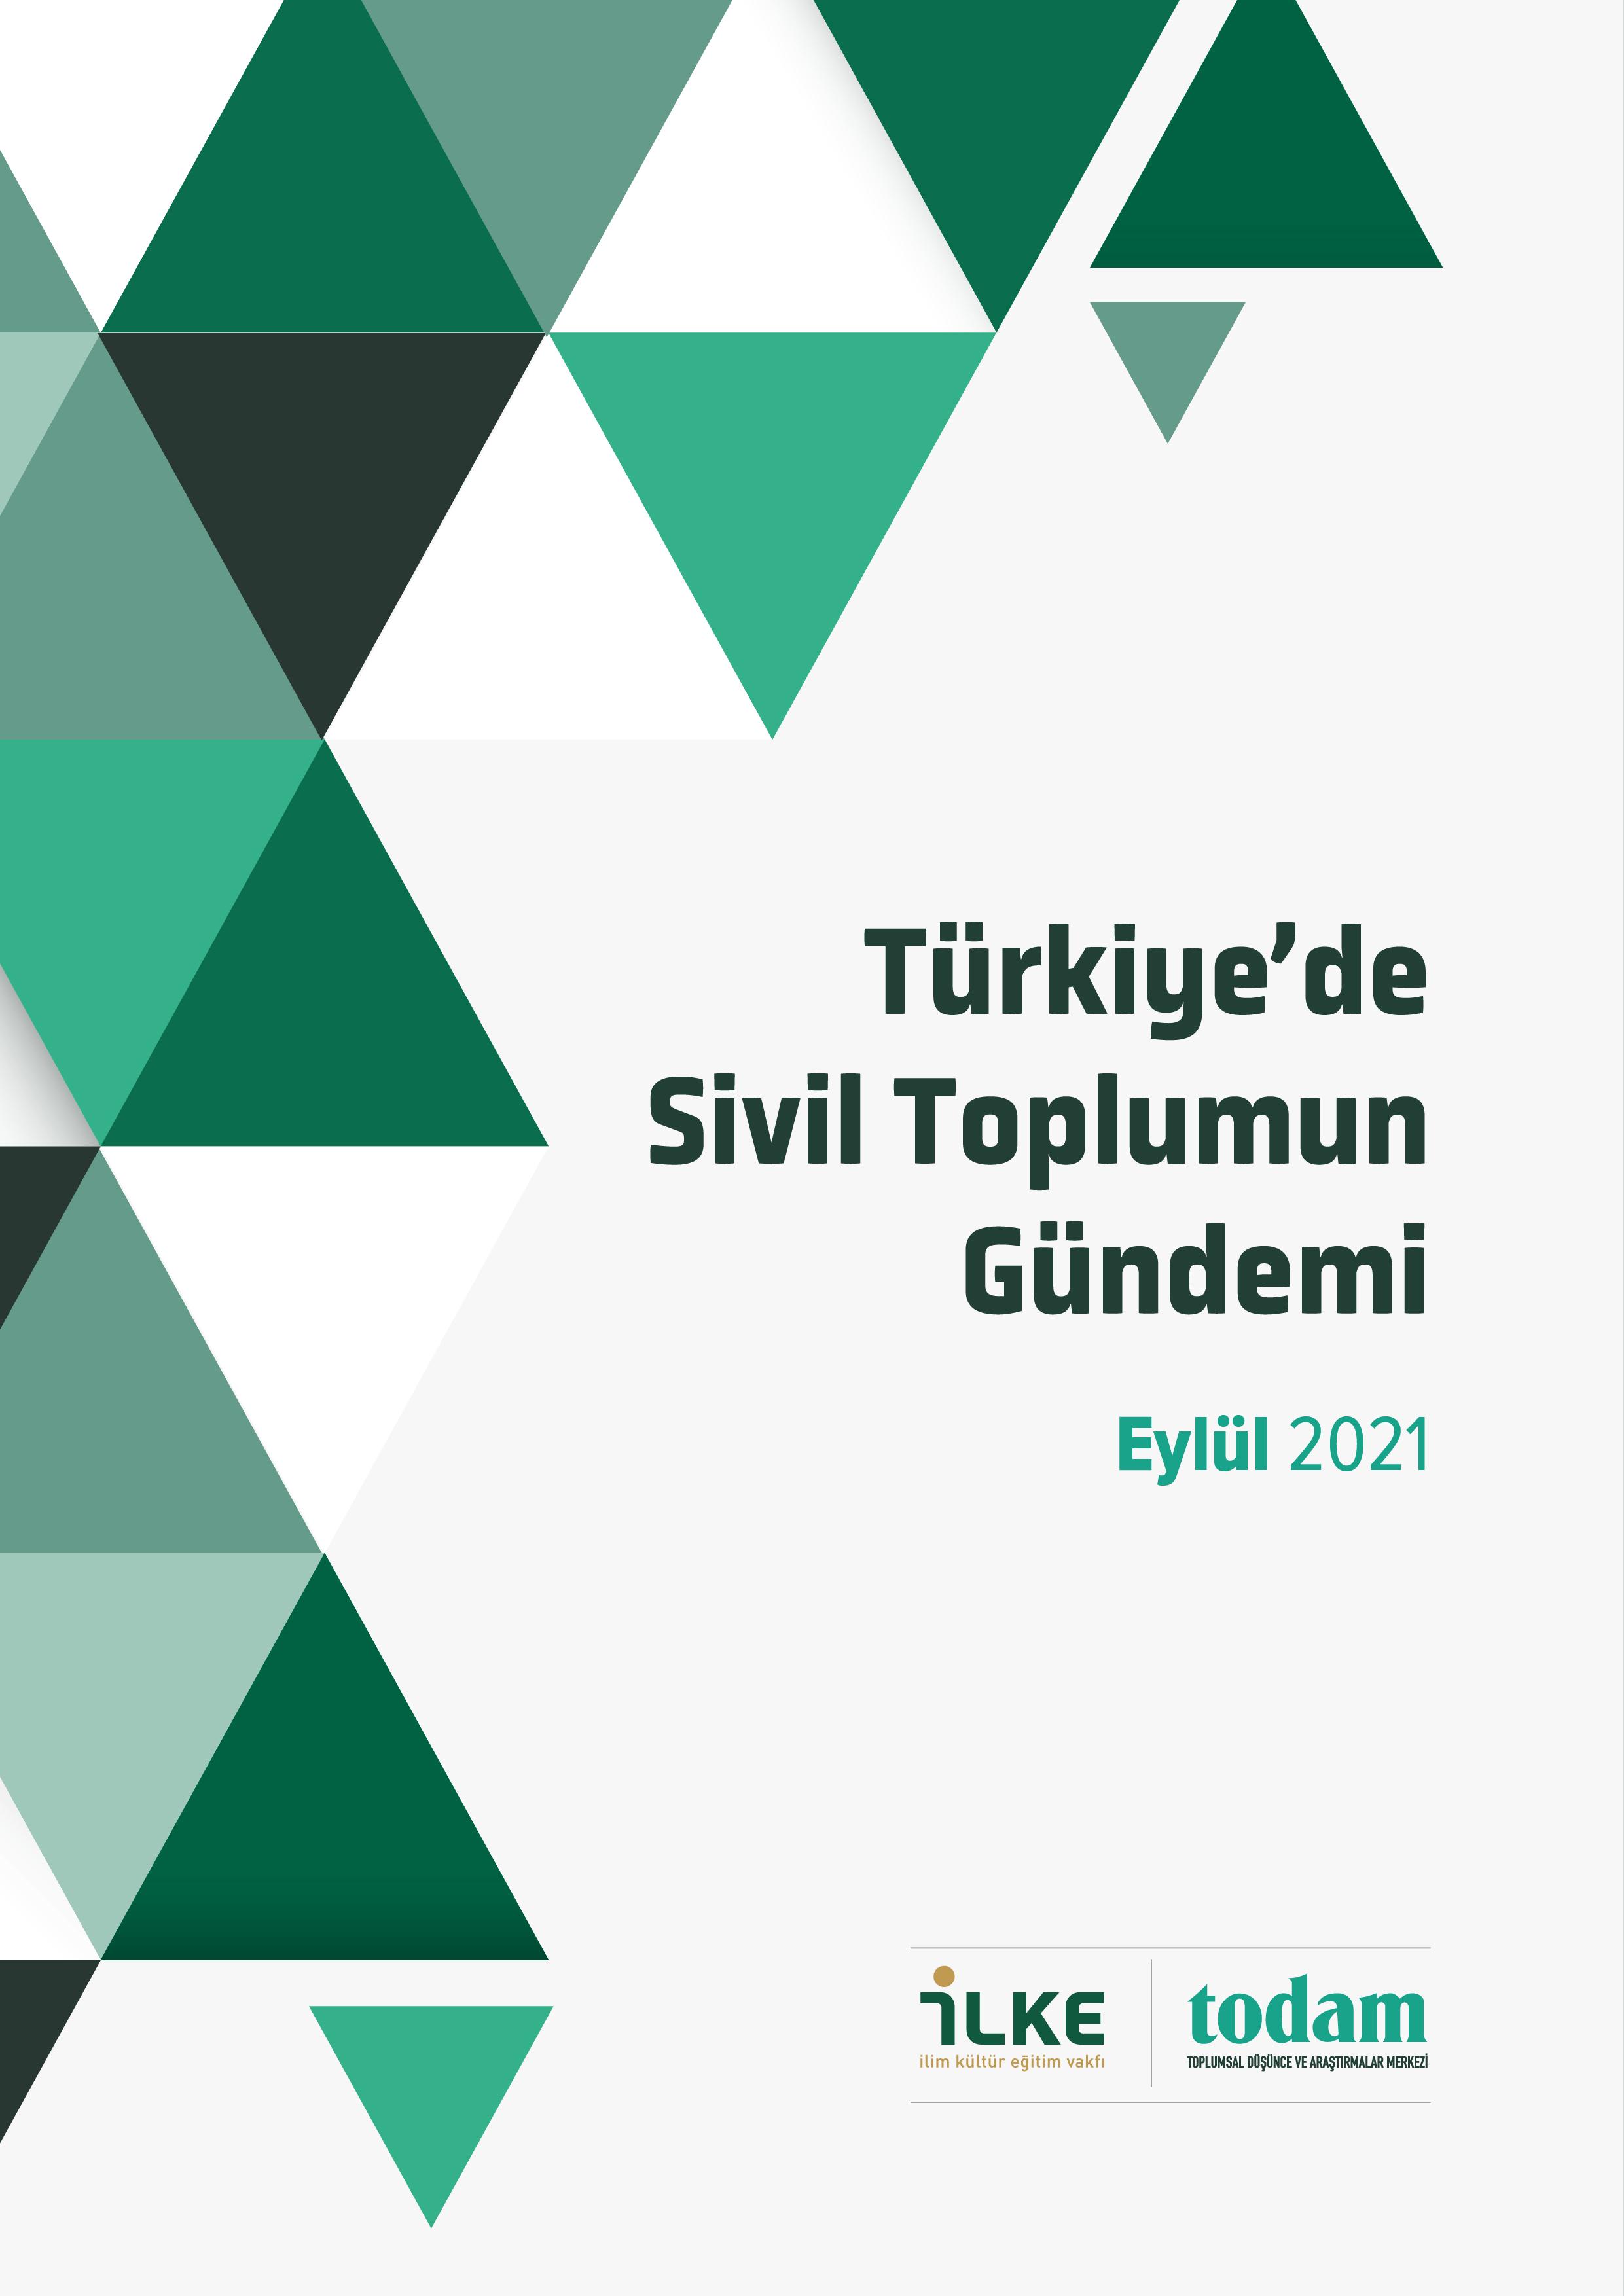 Türkiye'de Sivil Toplumun Gündemi Eylül 2021 Sayısı Yayımlandı